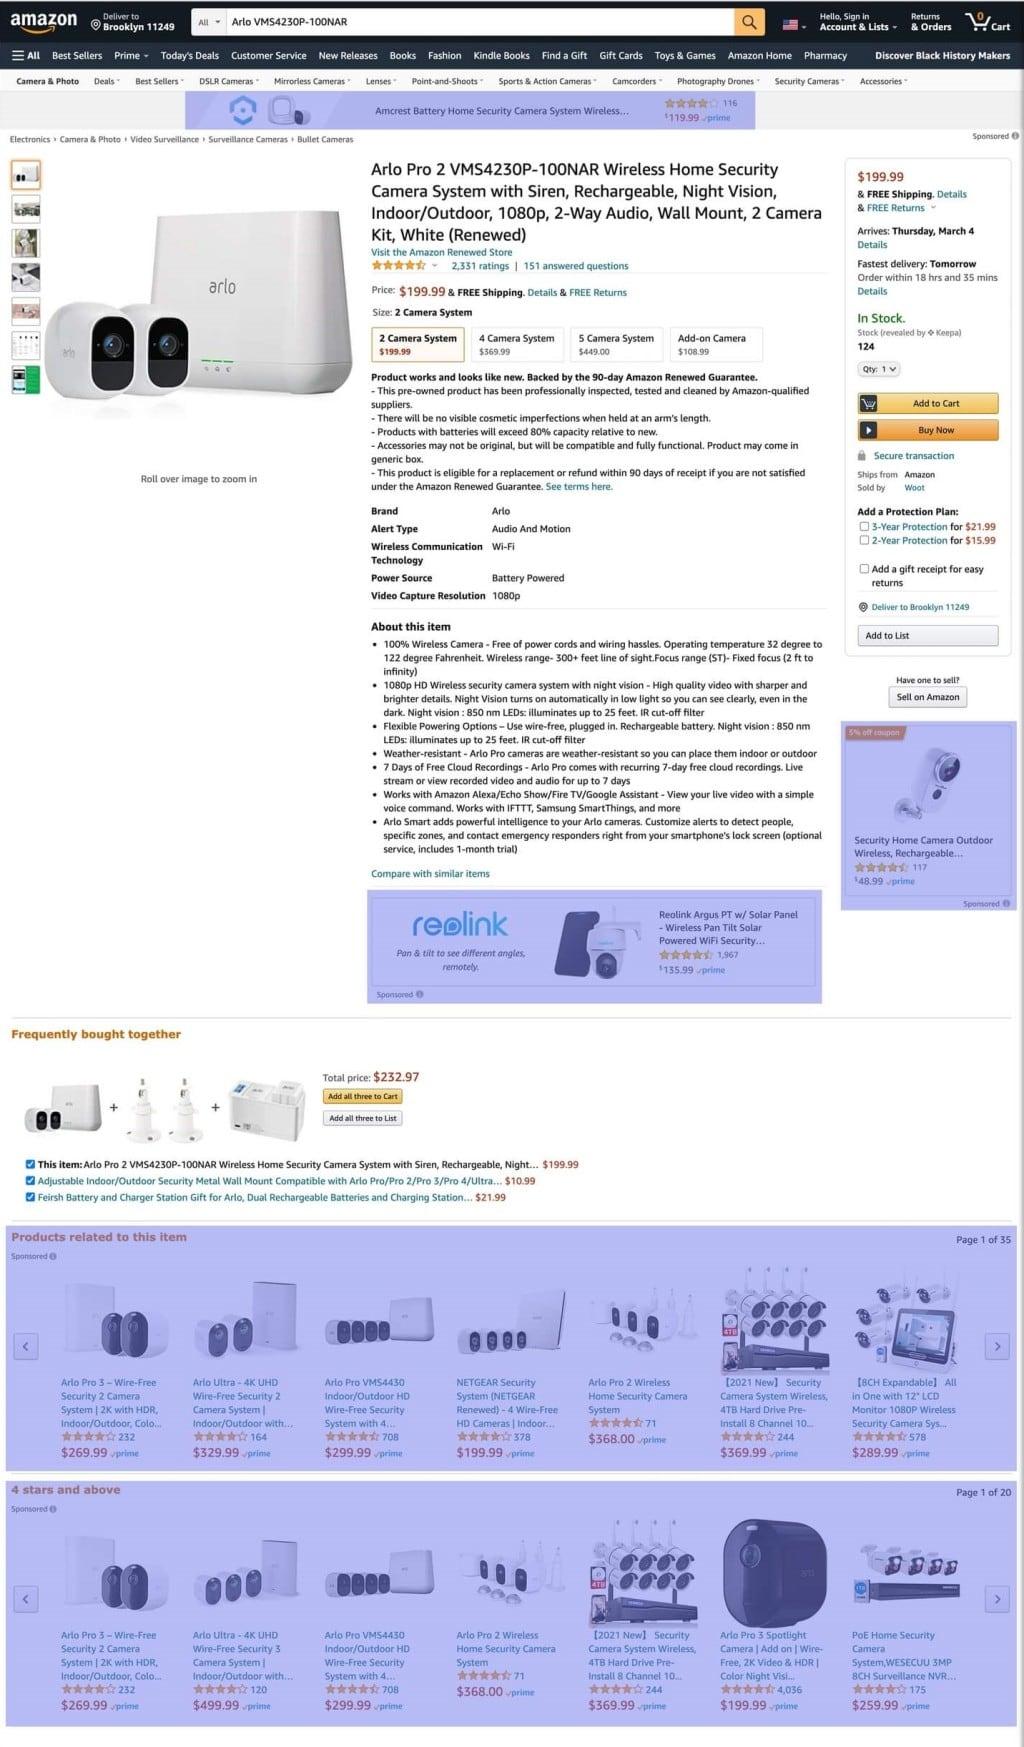 아마존닷컴 상품 페이지에서 광고 현황, amazon ads in product page browser